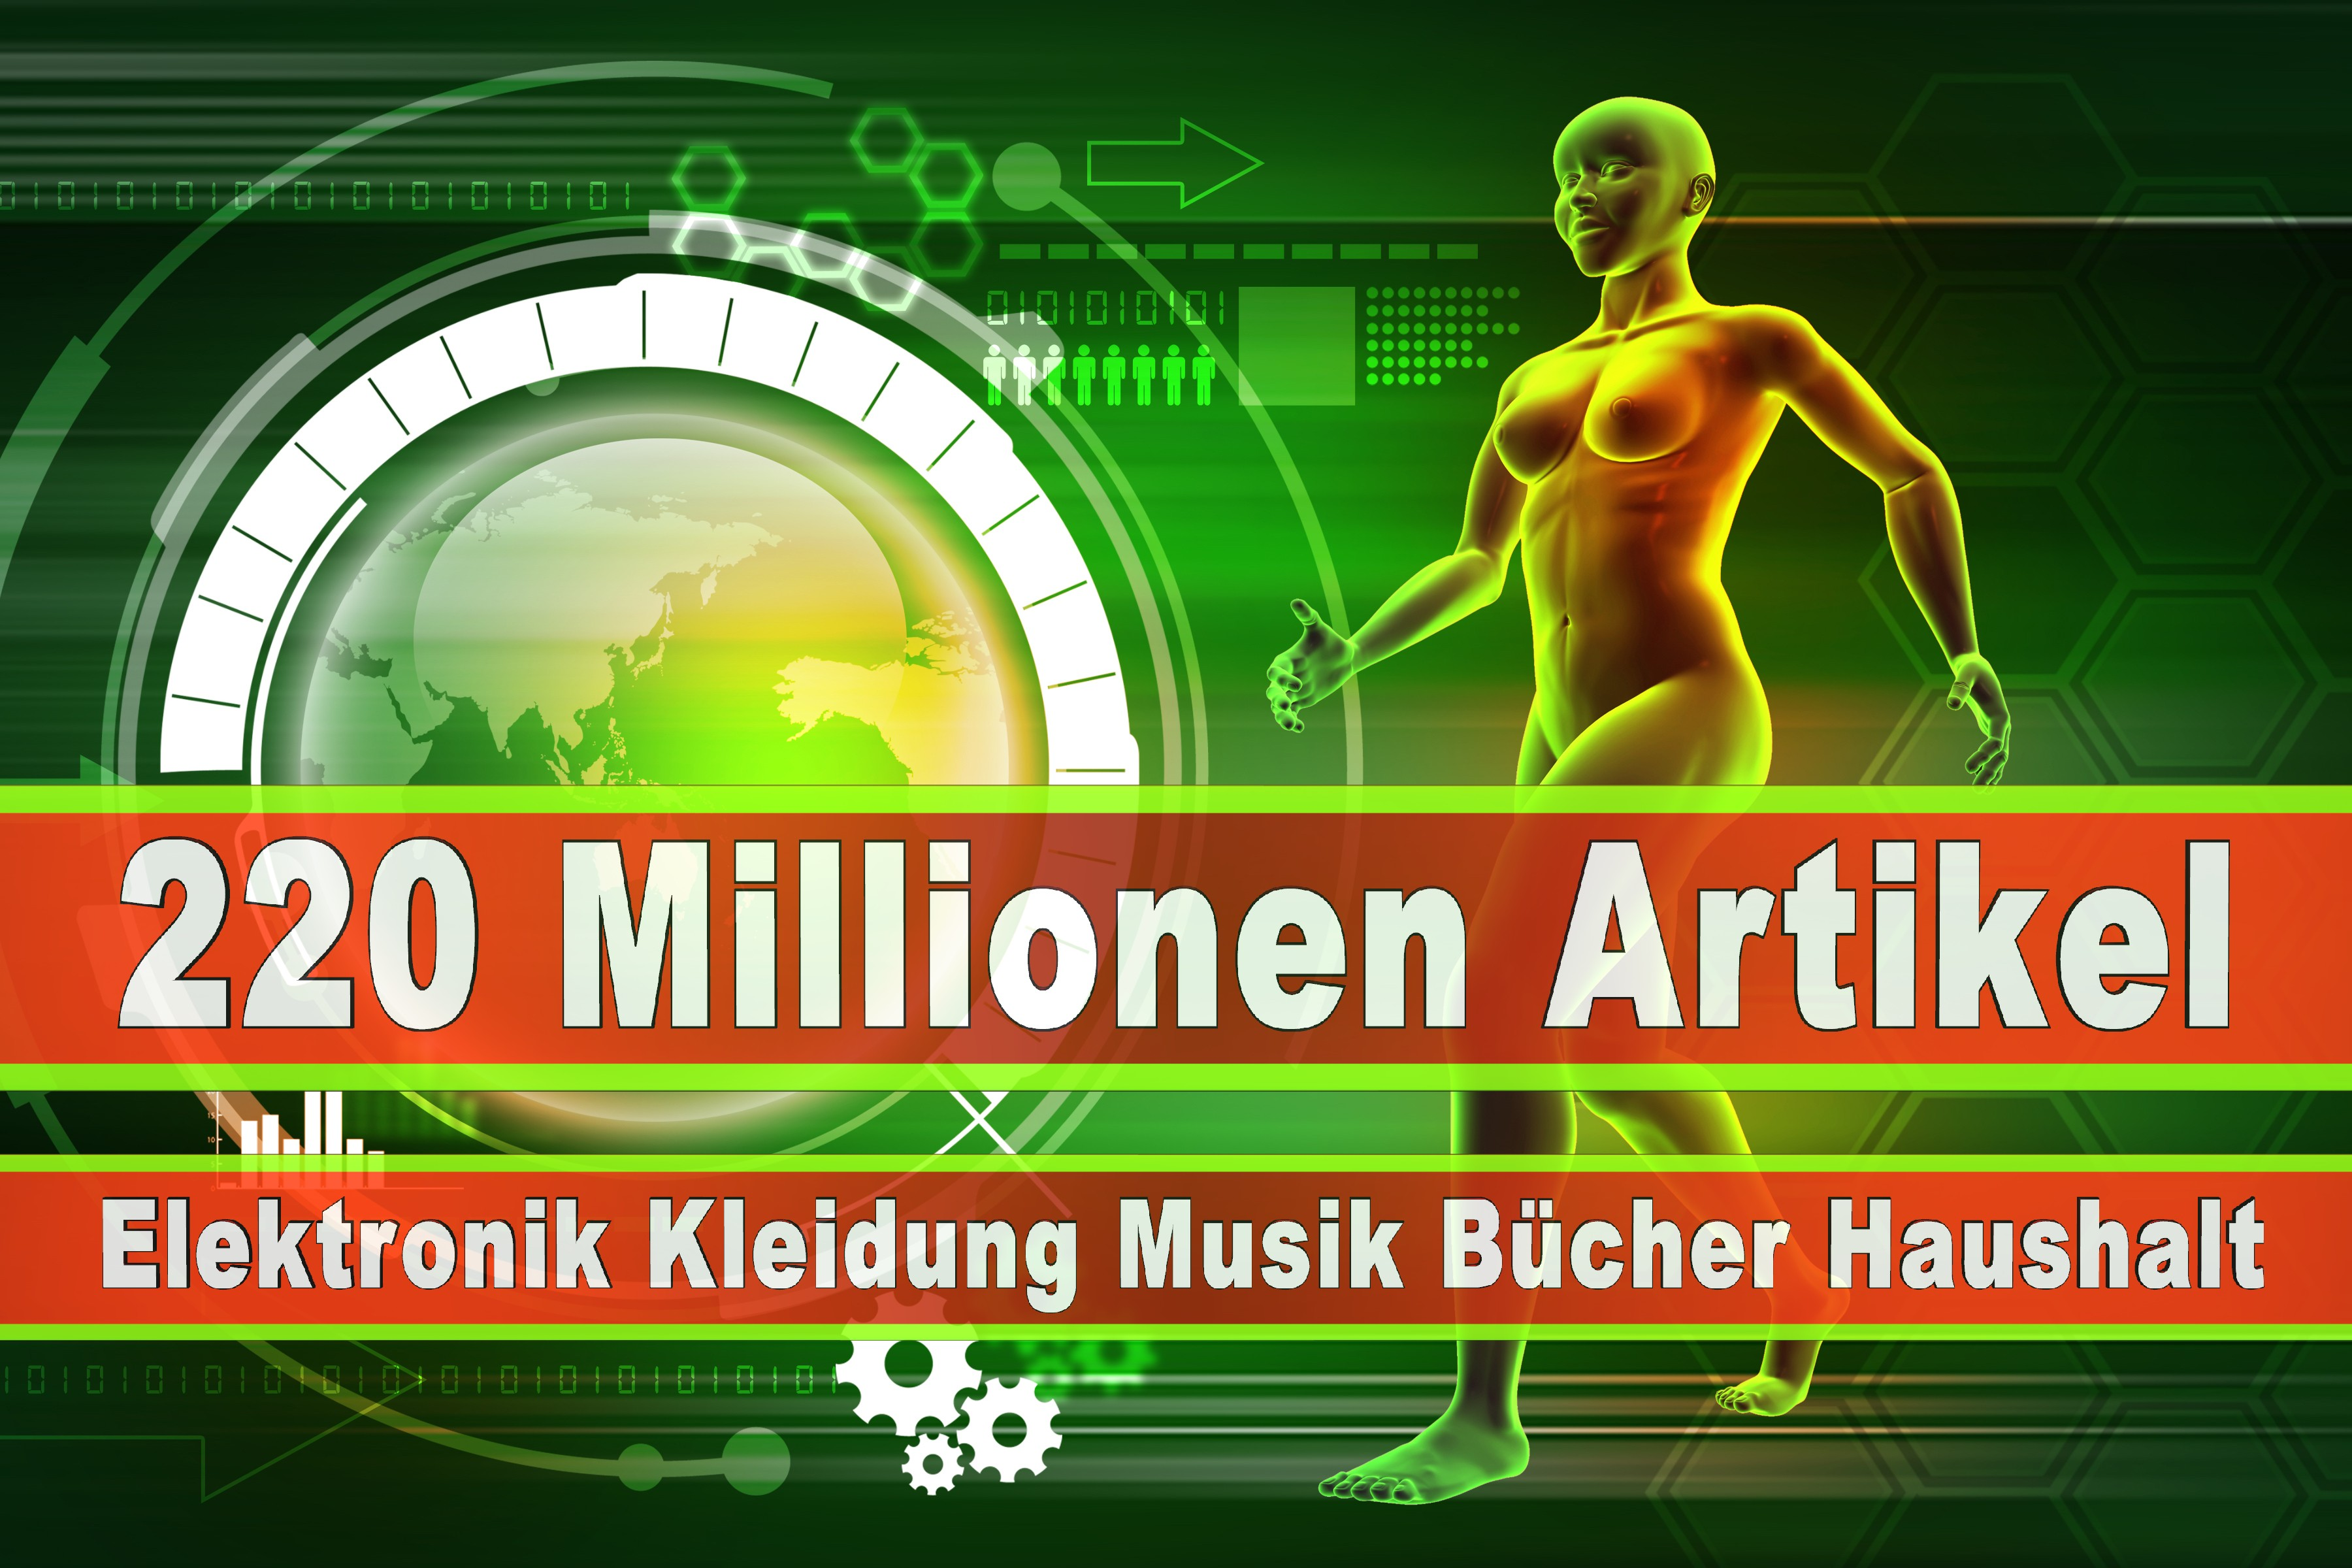 Amazon Elektronik Musik Haushalt Bücher CD DVD Handys Smartphones TV Television Fernseher Kleidung Mode Ebay (21)